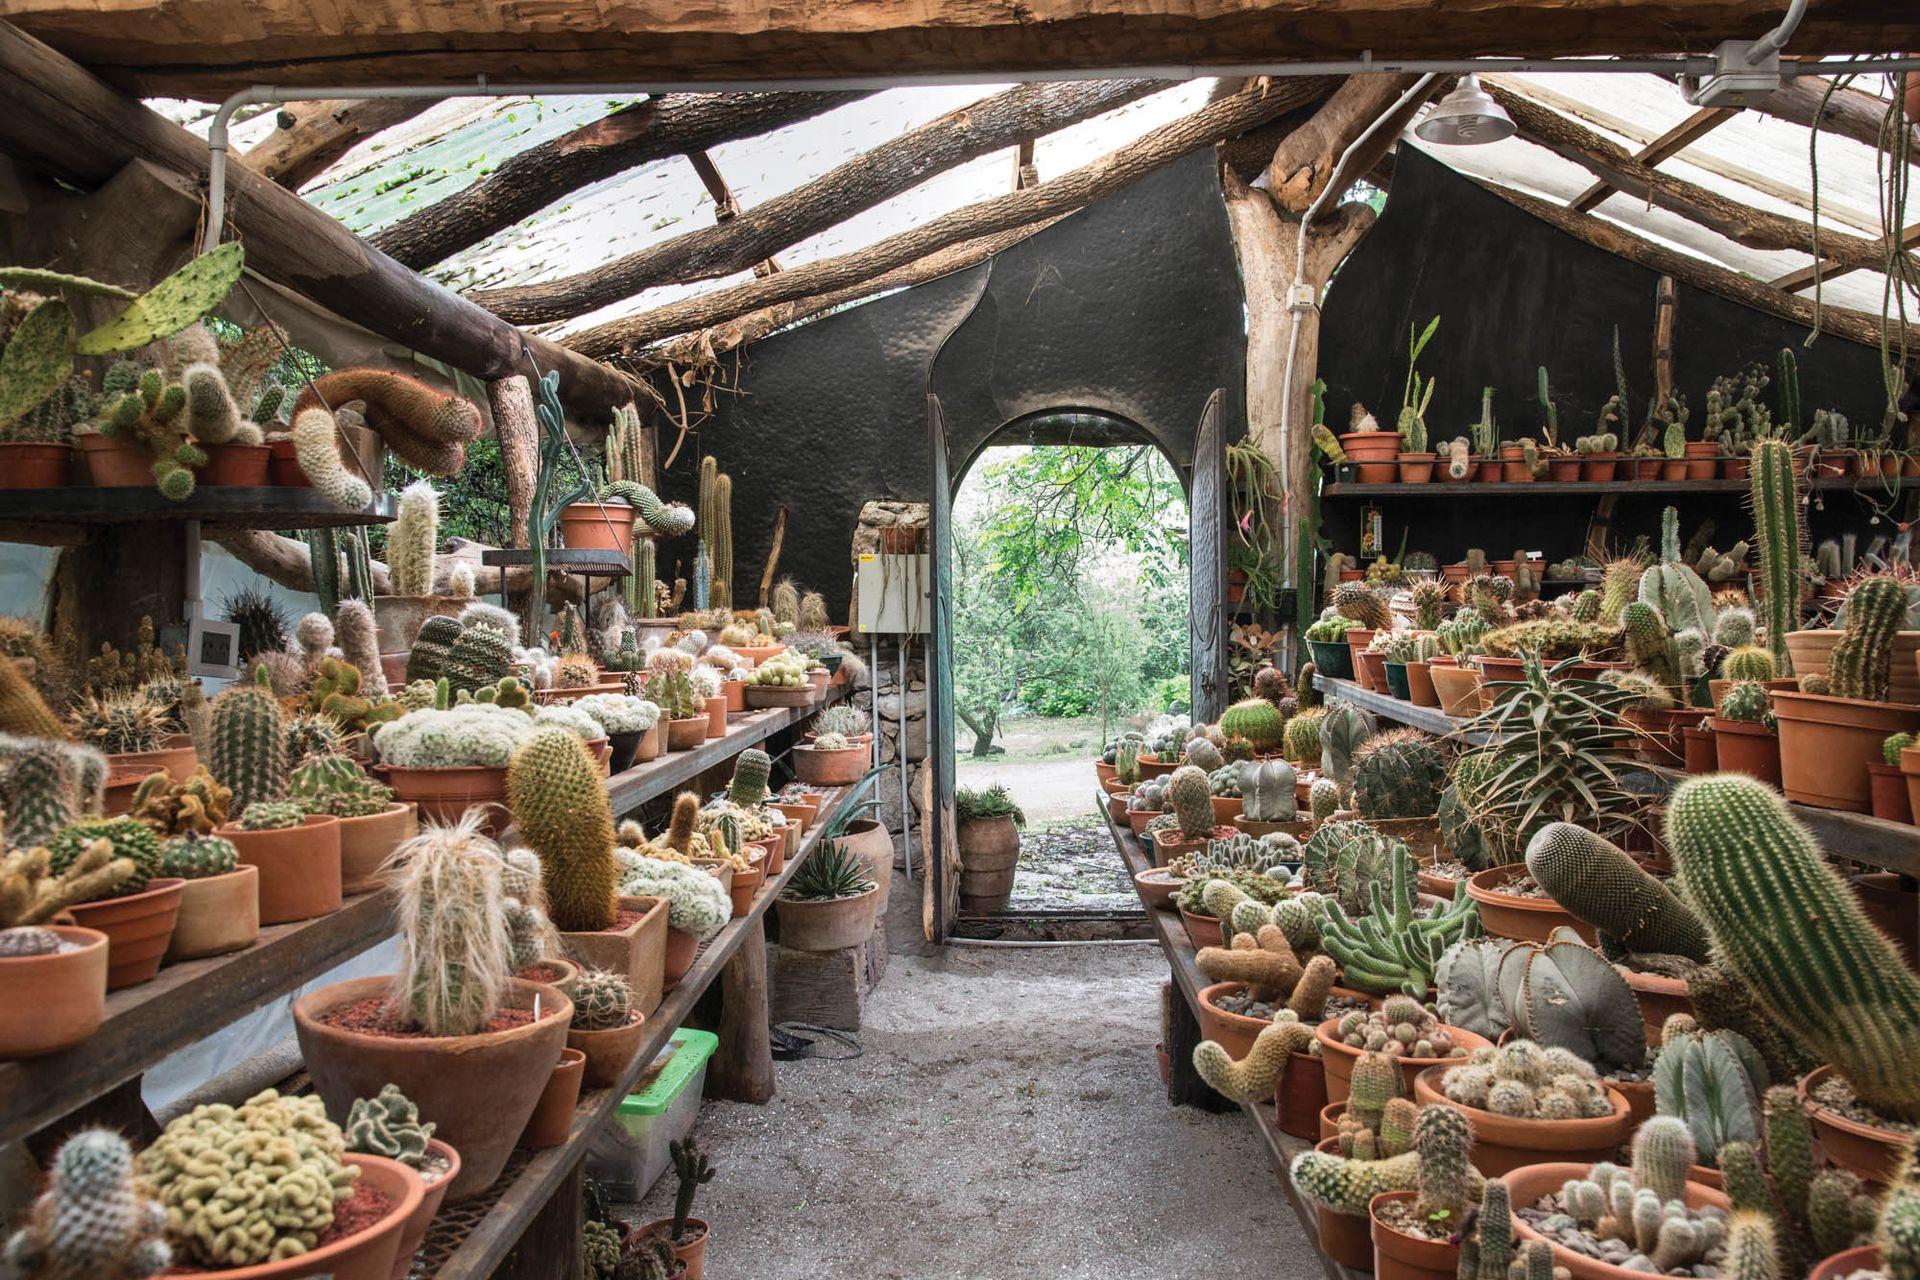 El cactario cuenta con una colección única de cactus y es un fuerte atractivo del lugar.